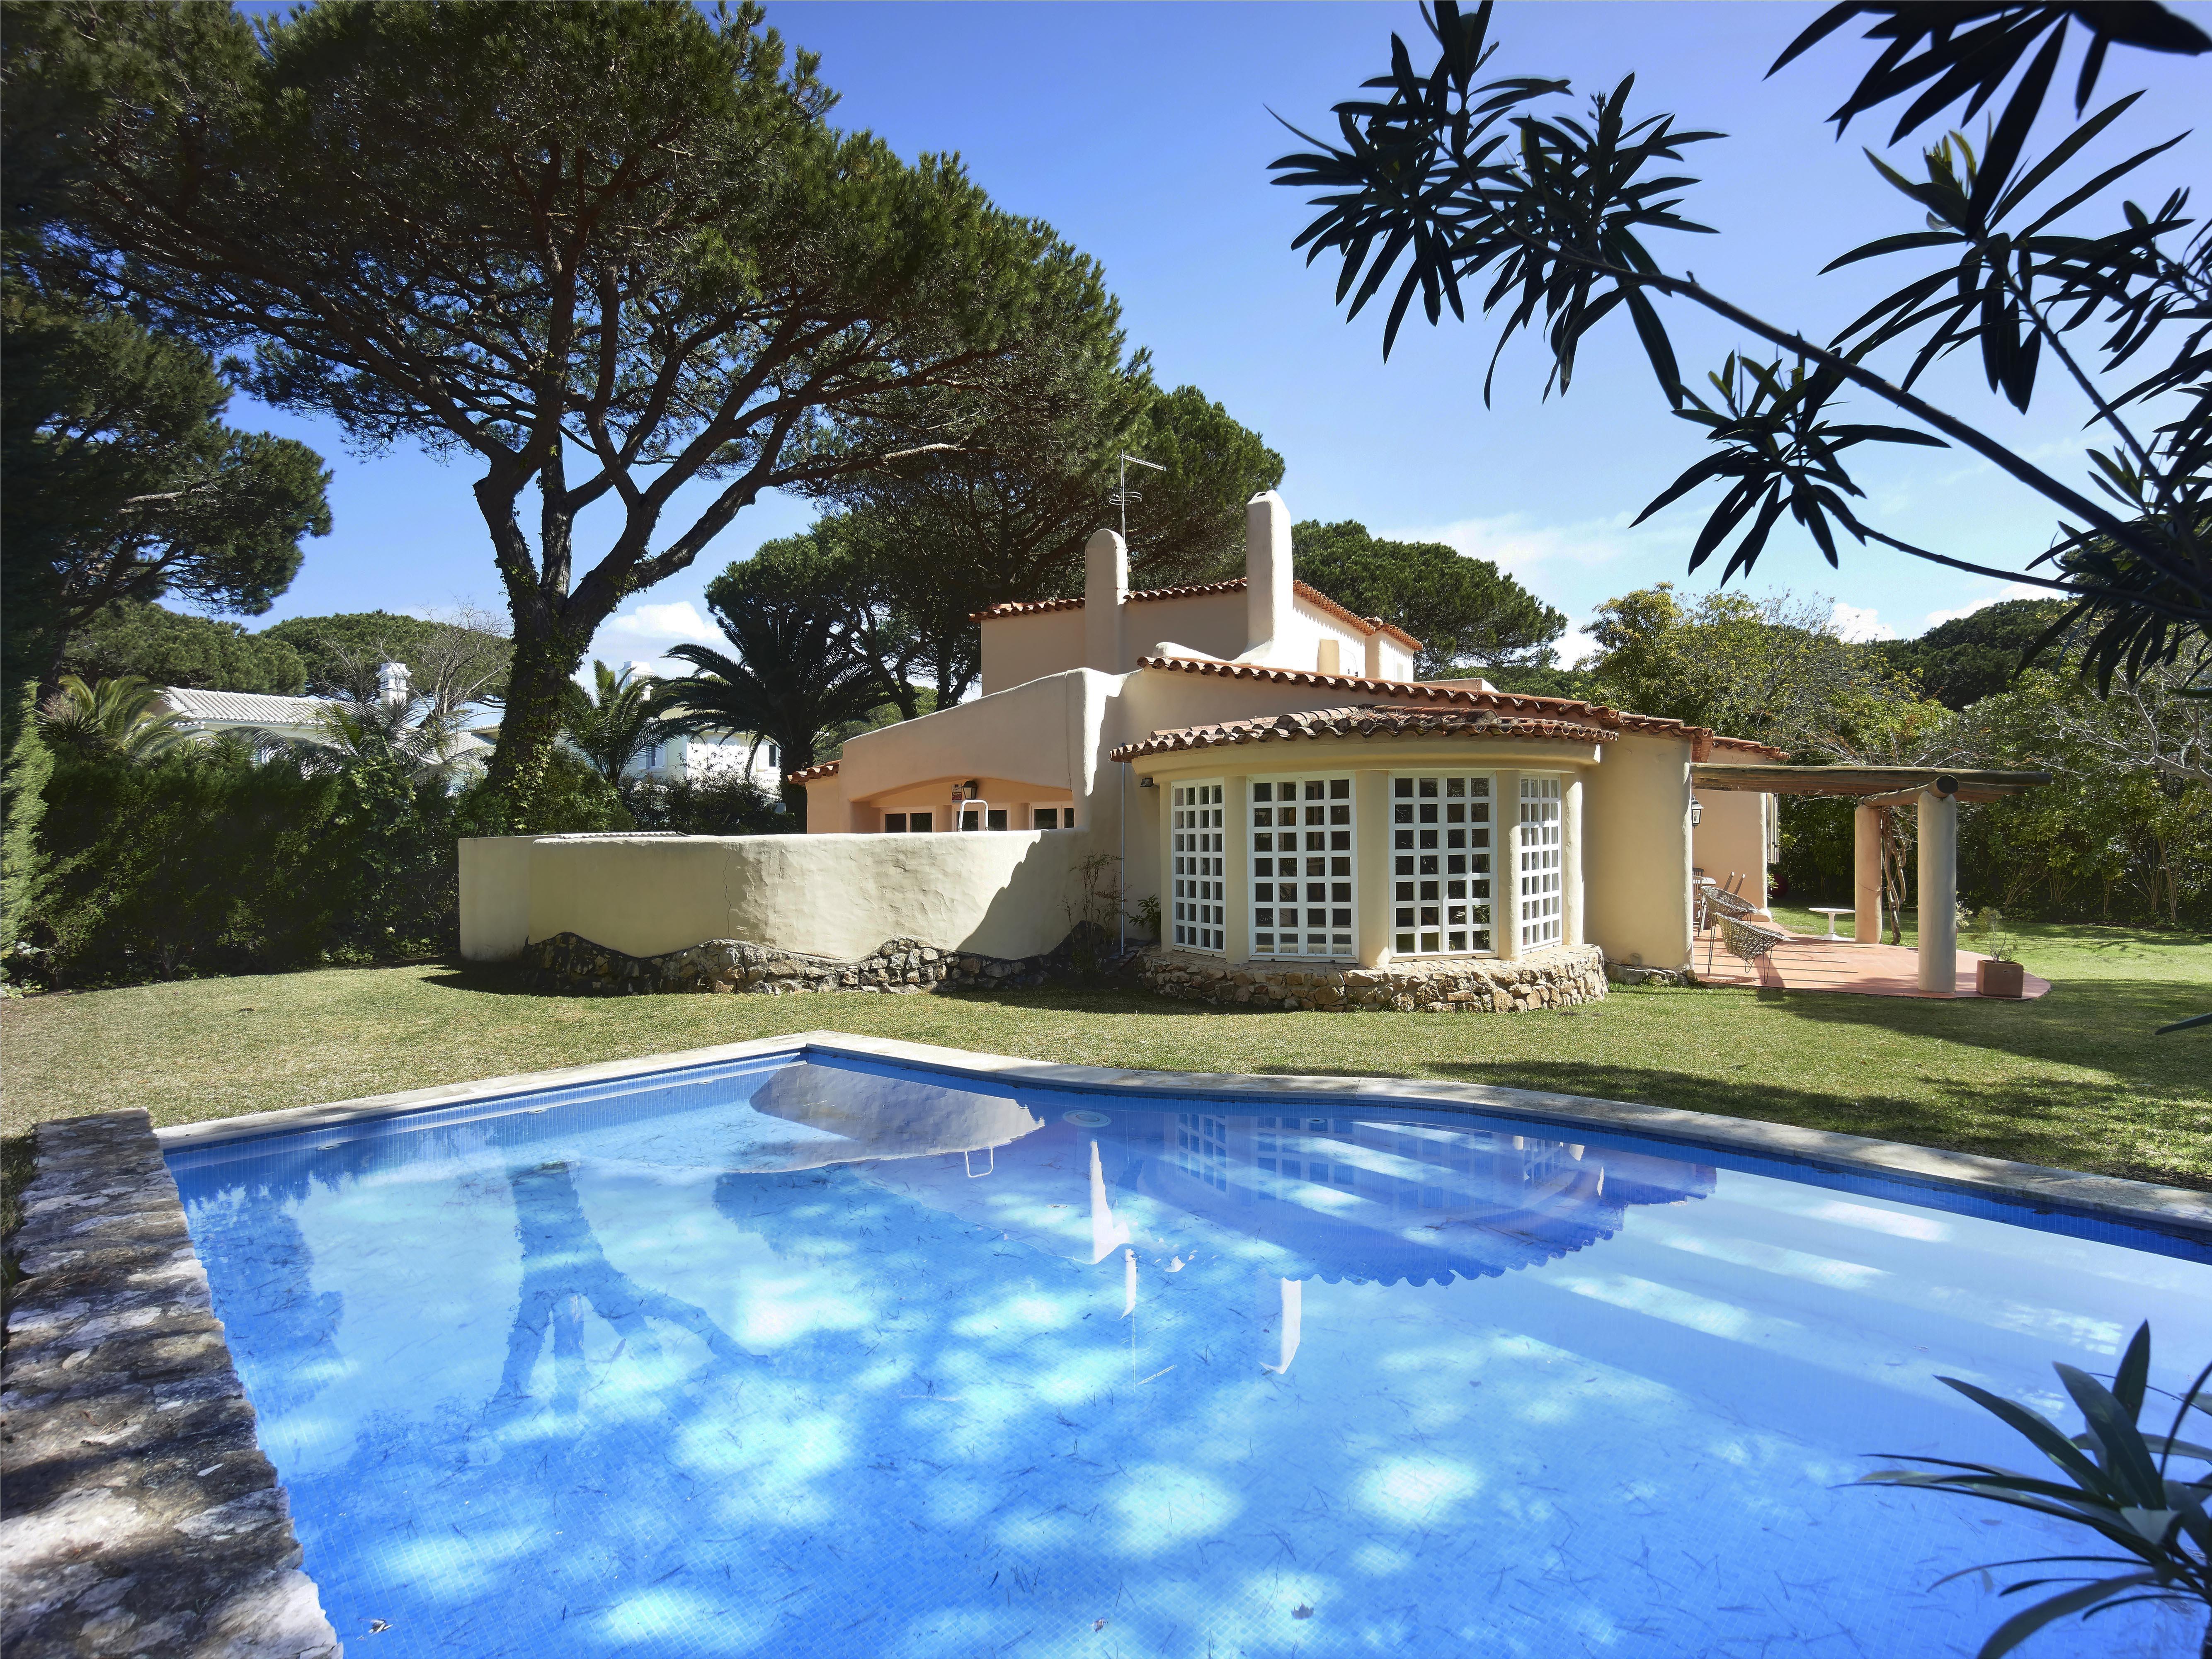 獨棟家庭住宅 為 出售 在 House, 3 bedrooms, for Sale Cascais, 葡京, - 葡萄牙